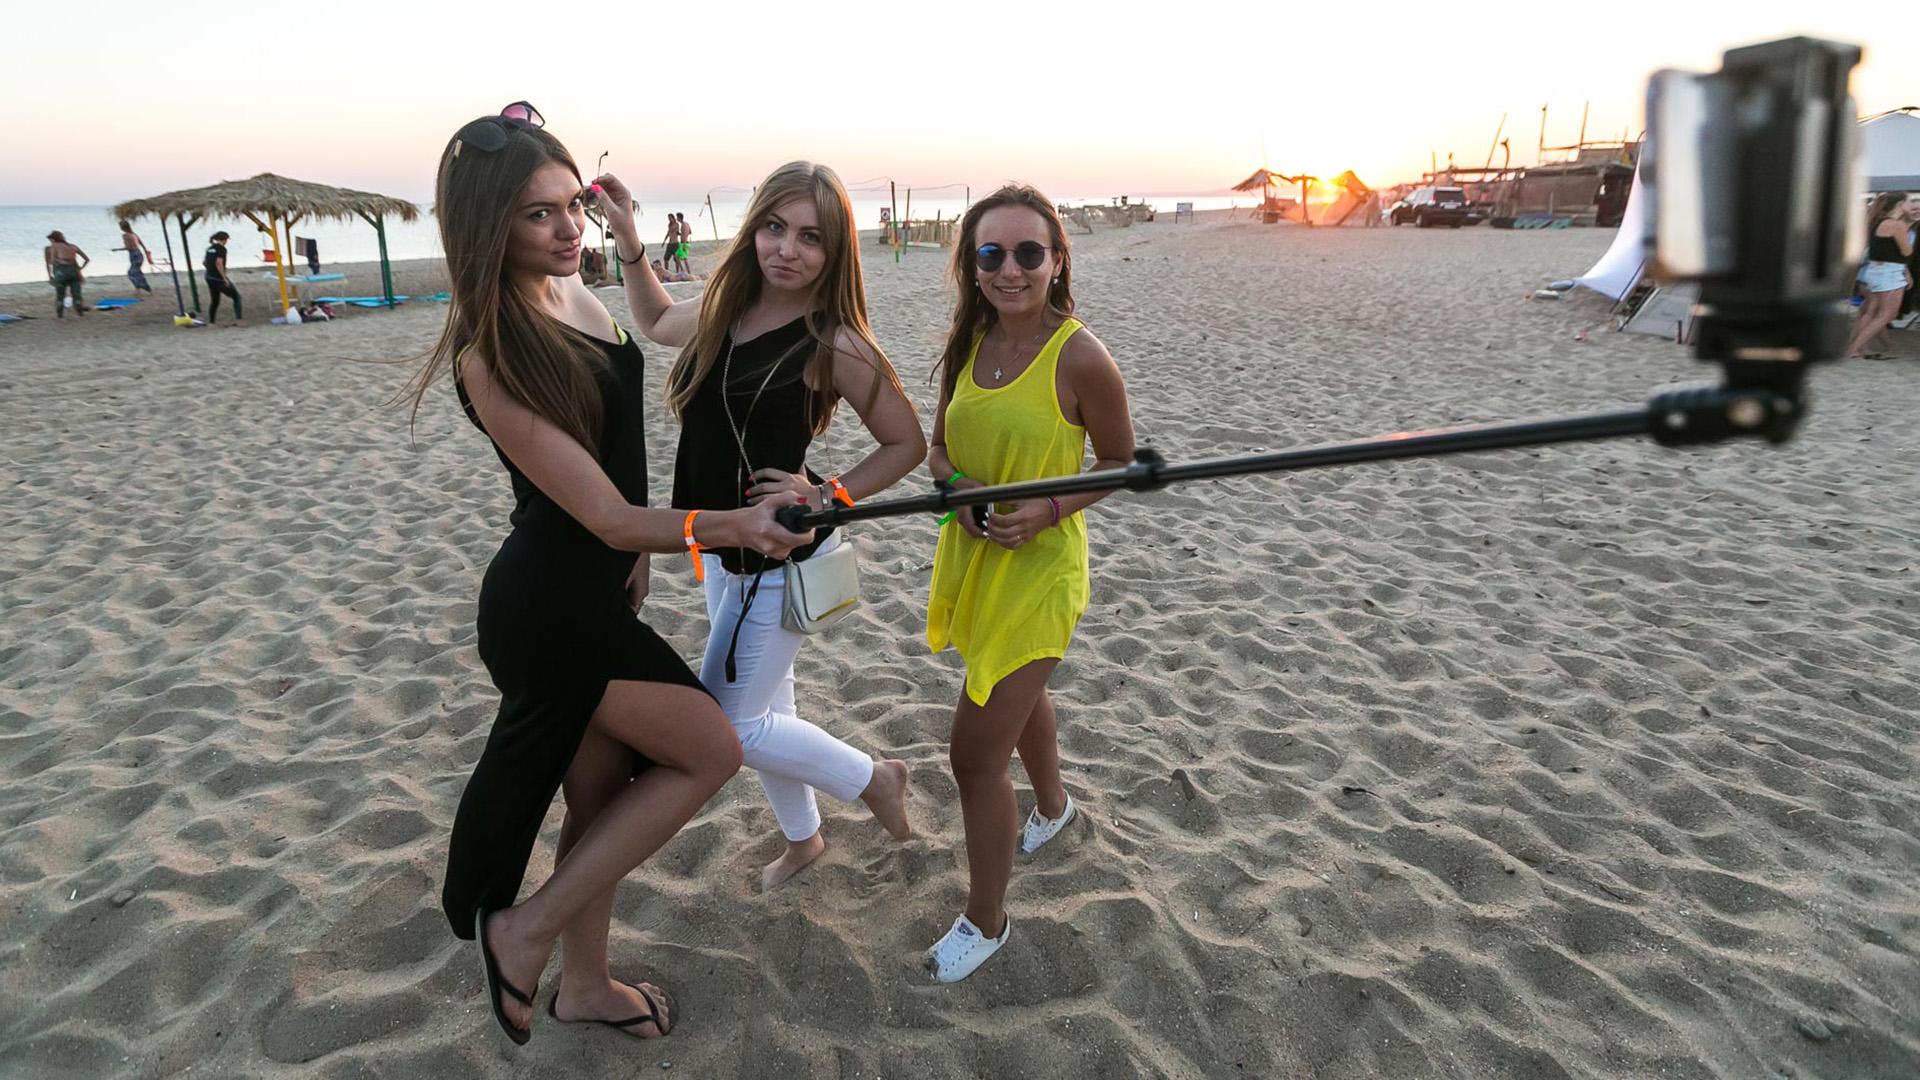 Как фотографировать на пляже? 7 лайфхаков для отдыхающих